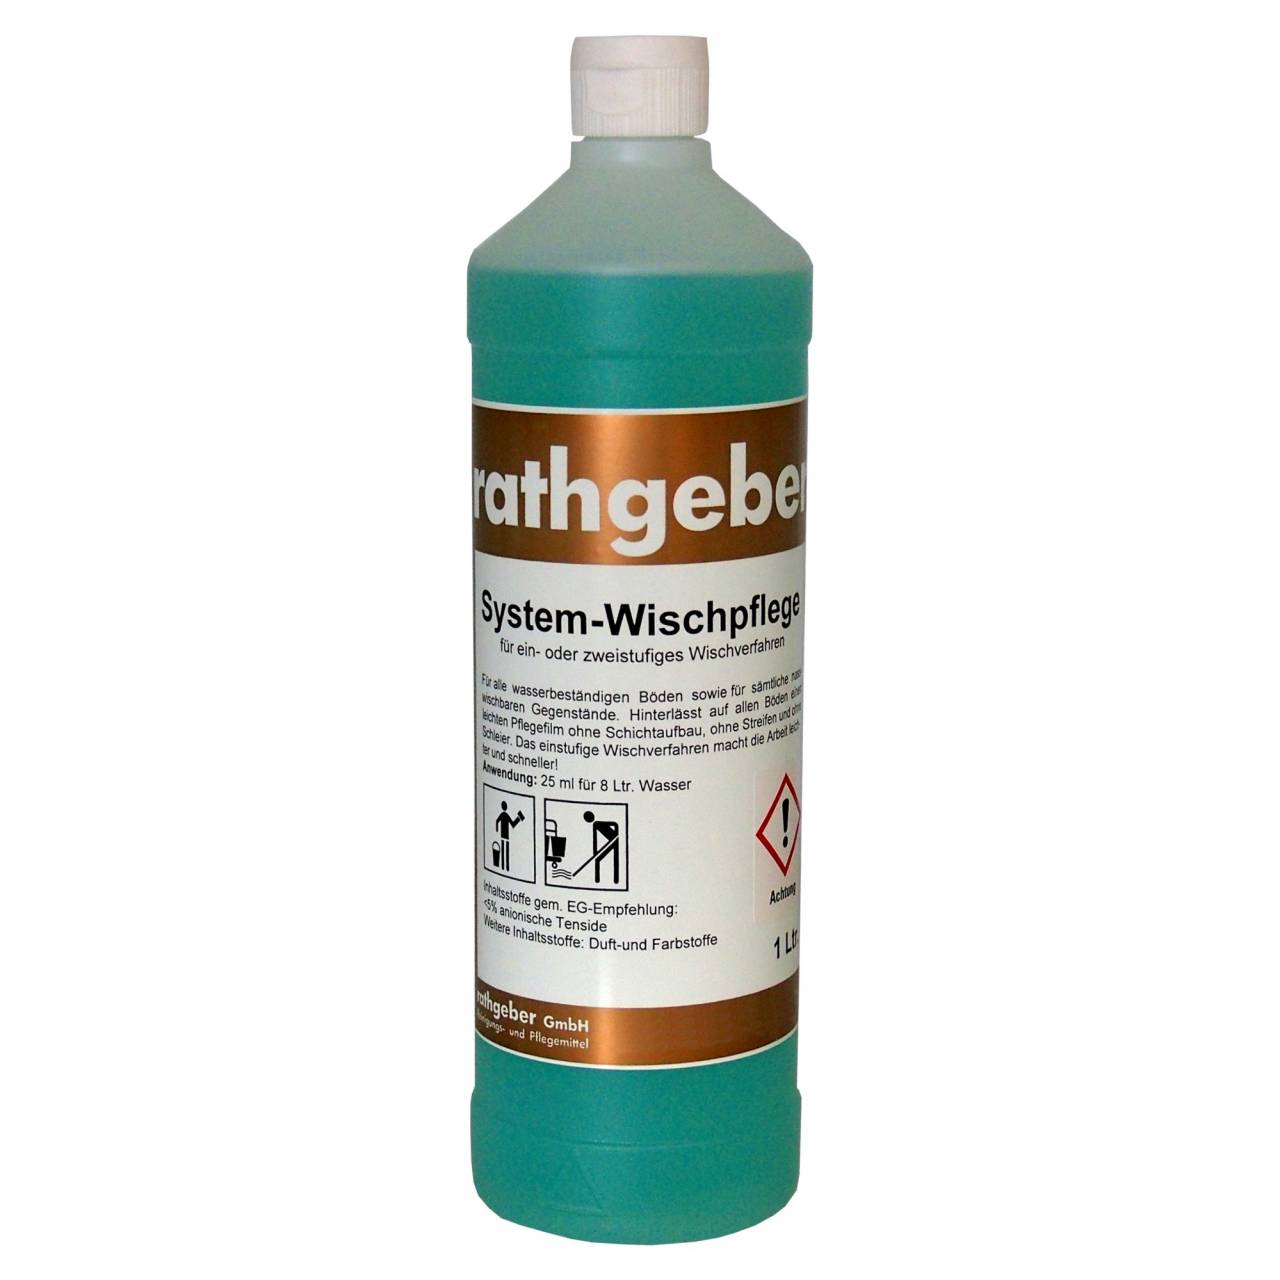 System-Wischpflege 1,0 L PET-Flasche